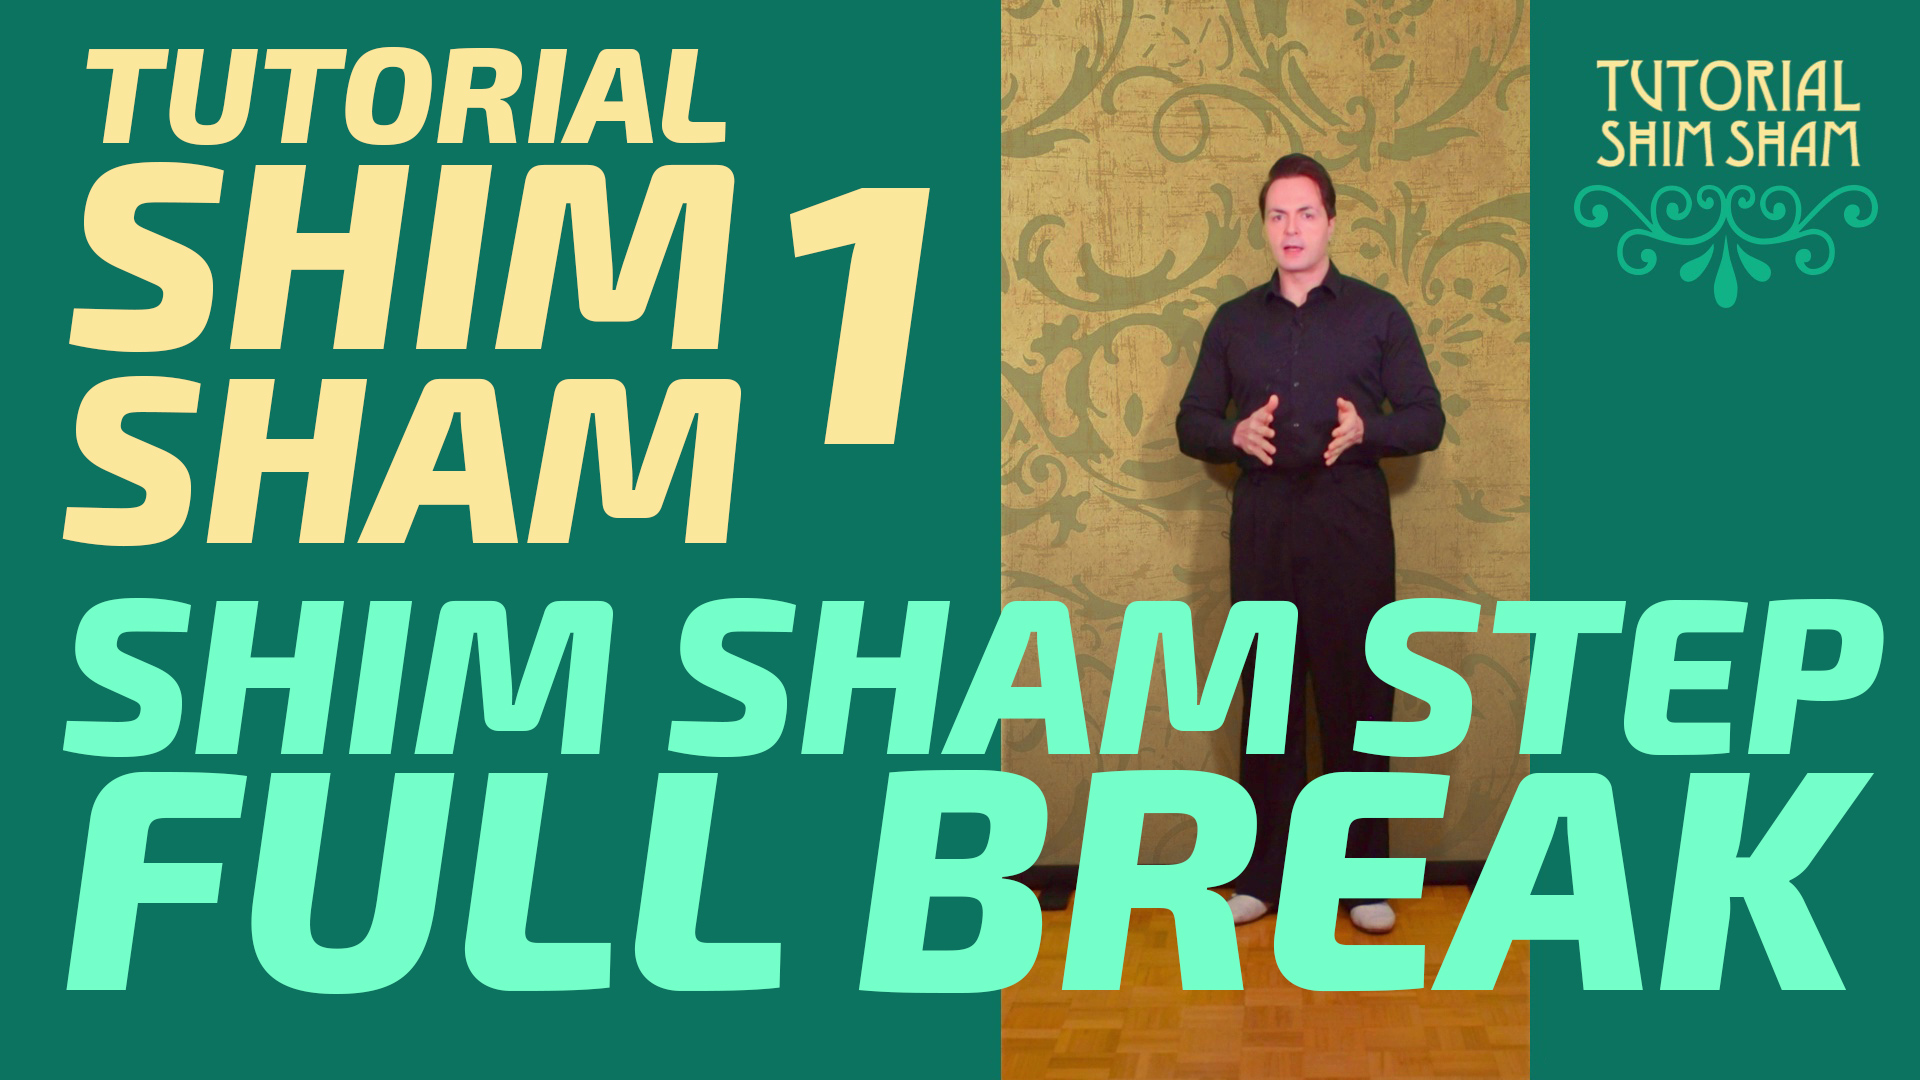 tutorial shim sham 2